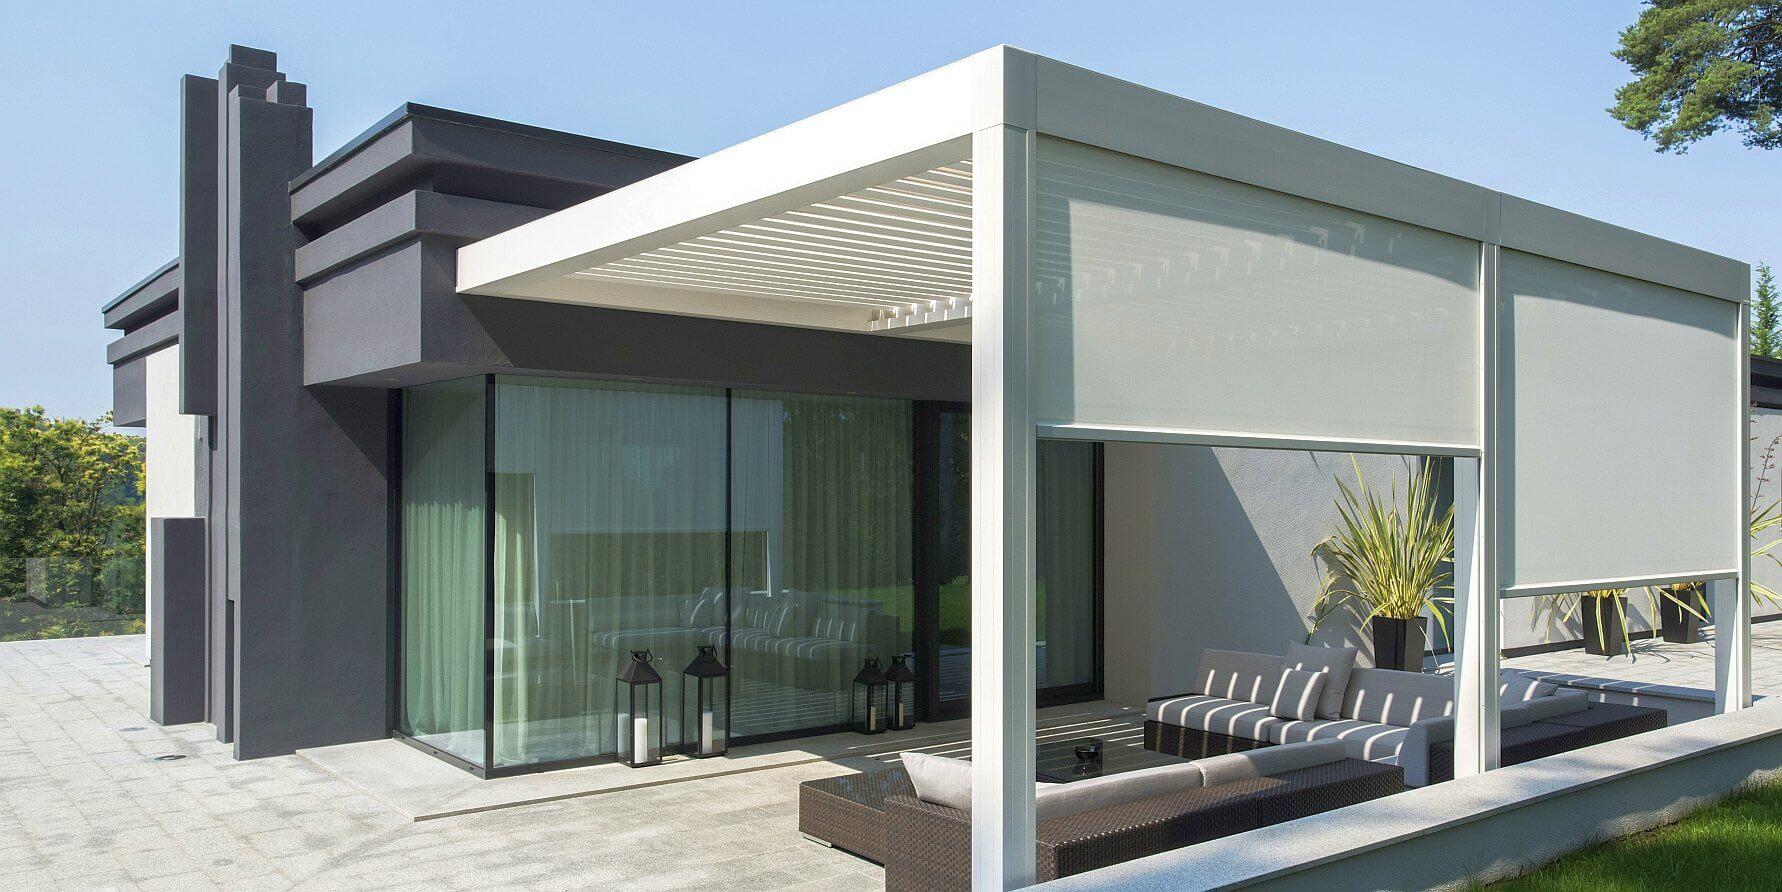 balkondach glas cheap vergrern with balkondach glas trendy balkon mit gelnder und dach aus. Black Bedroom Furniture Sets. Home Design Ideas